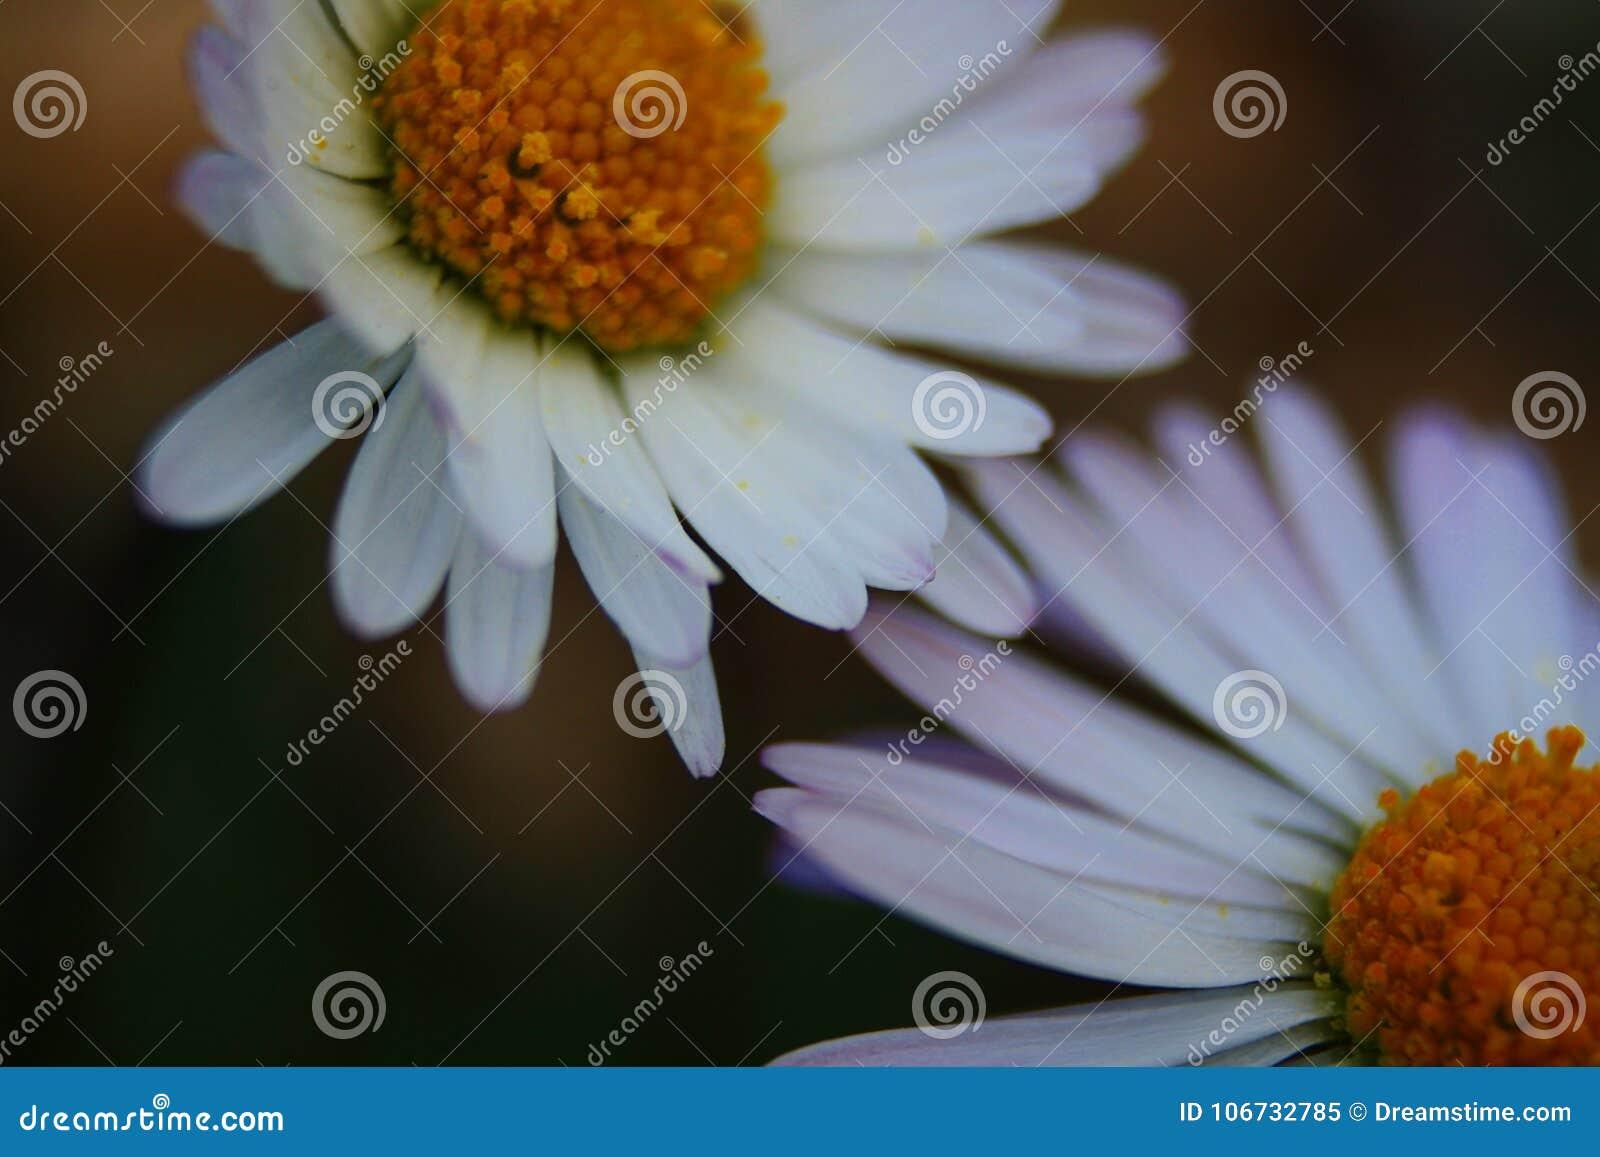 Flor do primeiro andar da mancha mediterrânea no salentina da península com exposições longas ao sol direto